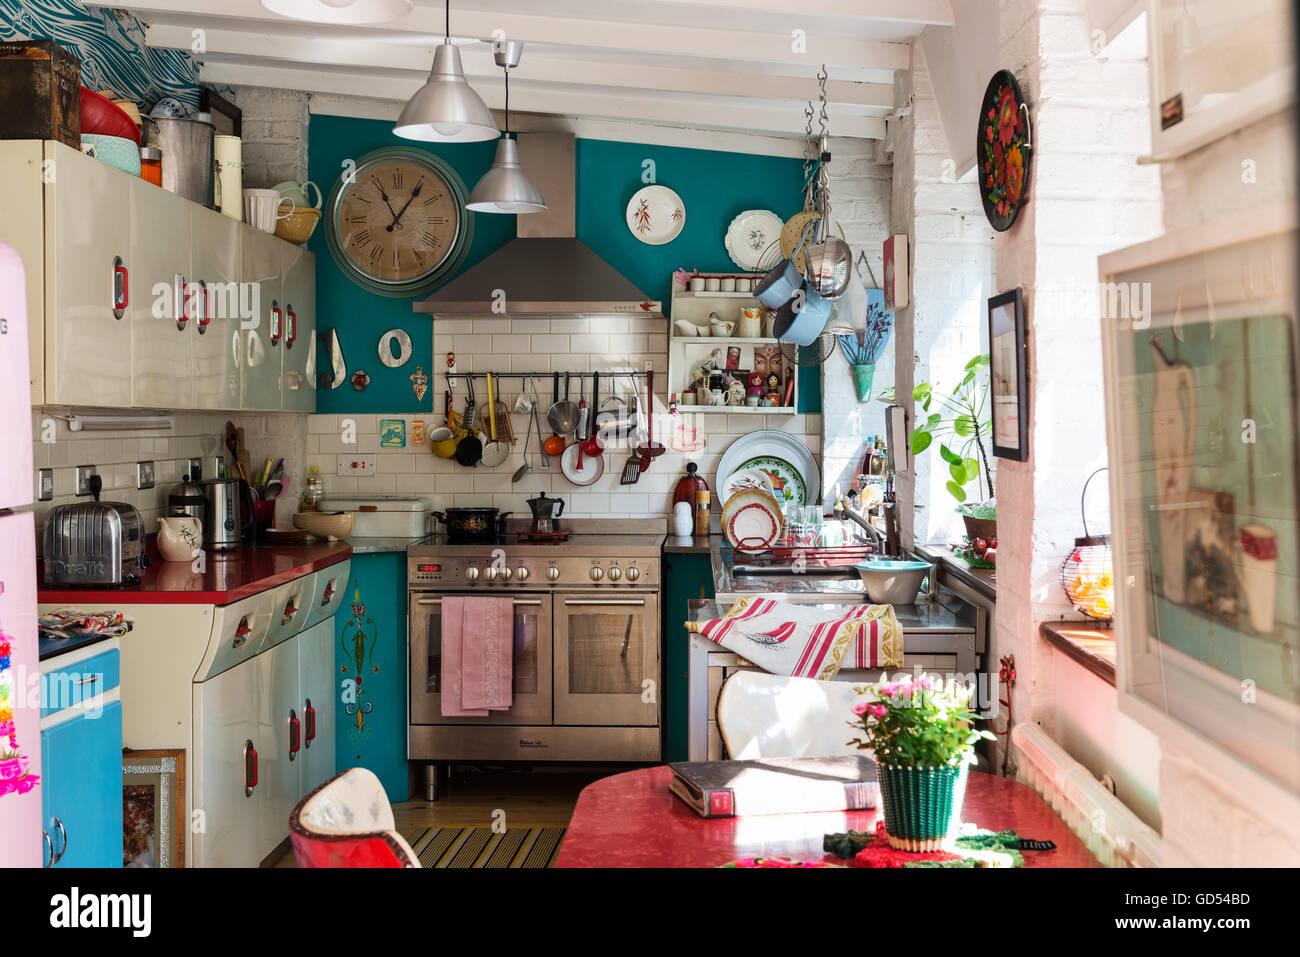 Vielseitige Küche mit 50er Jahre englische Rose Einheiten und St